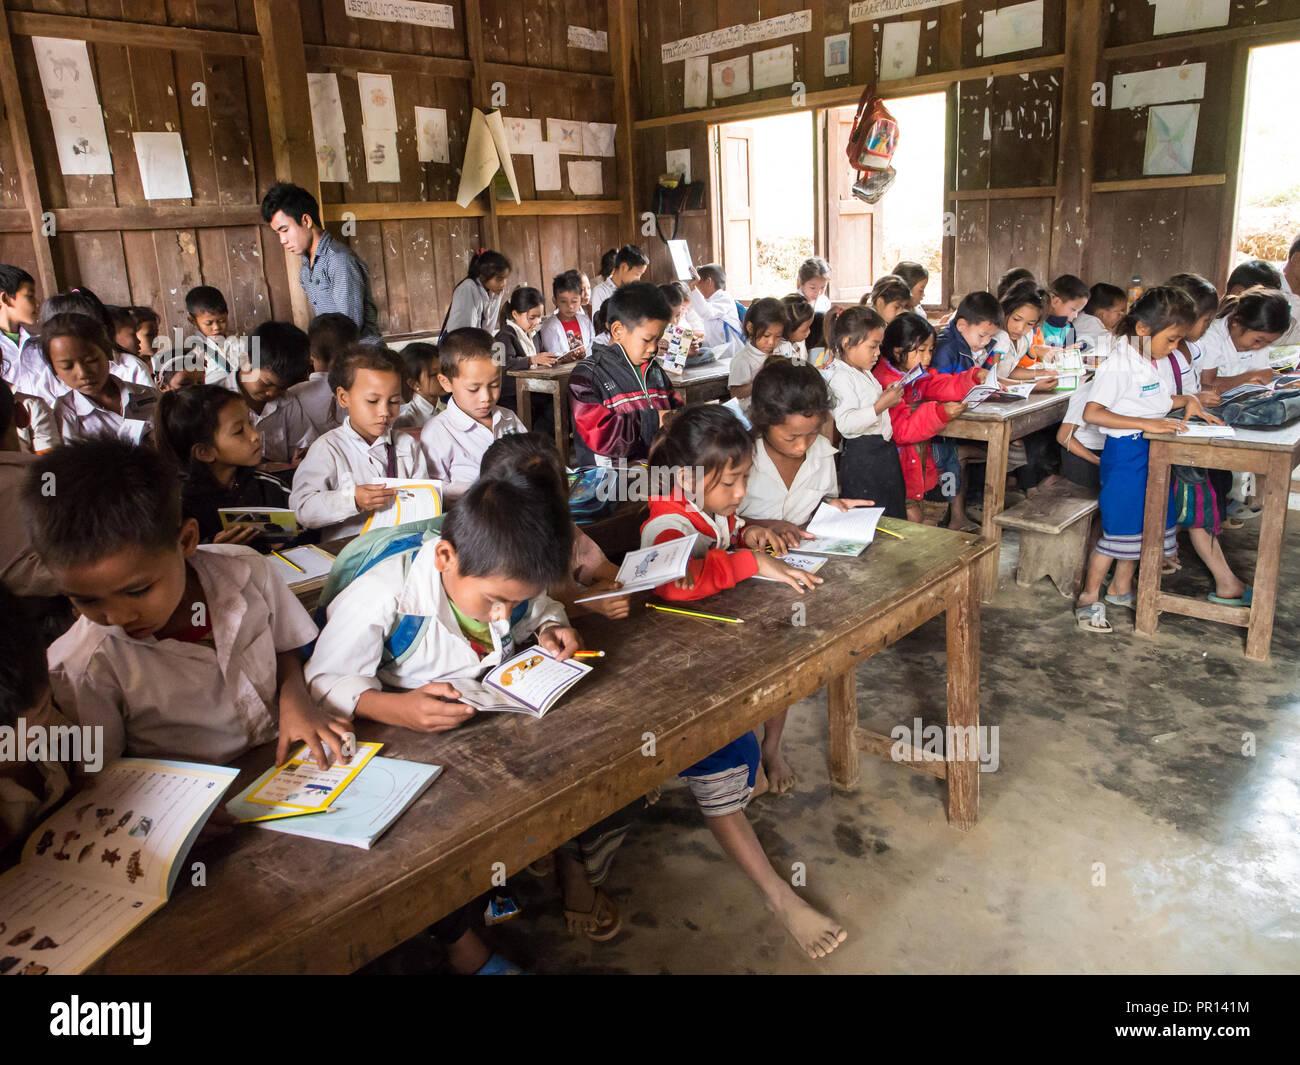 La escuela primaria aula llena de estudiantes, Houy Mieng village, Laos, Indochina, en el sudeste de Asia, Asia Foto de stock